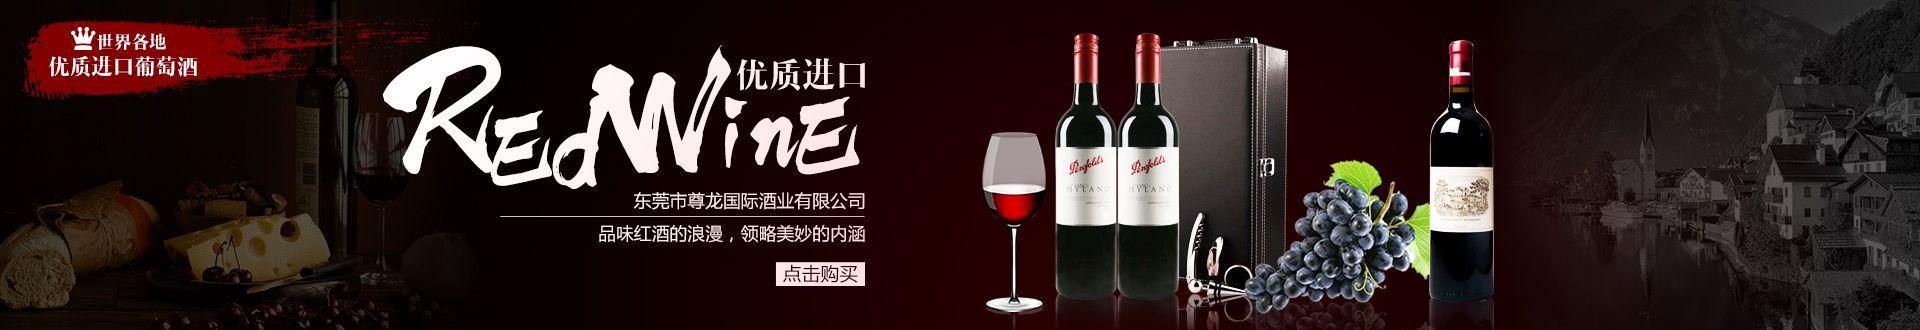 东莞市尊龙国际酒业有限公司